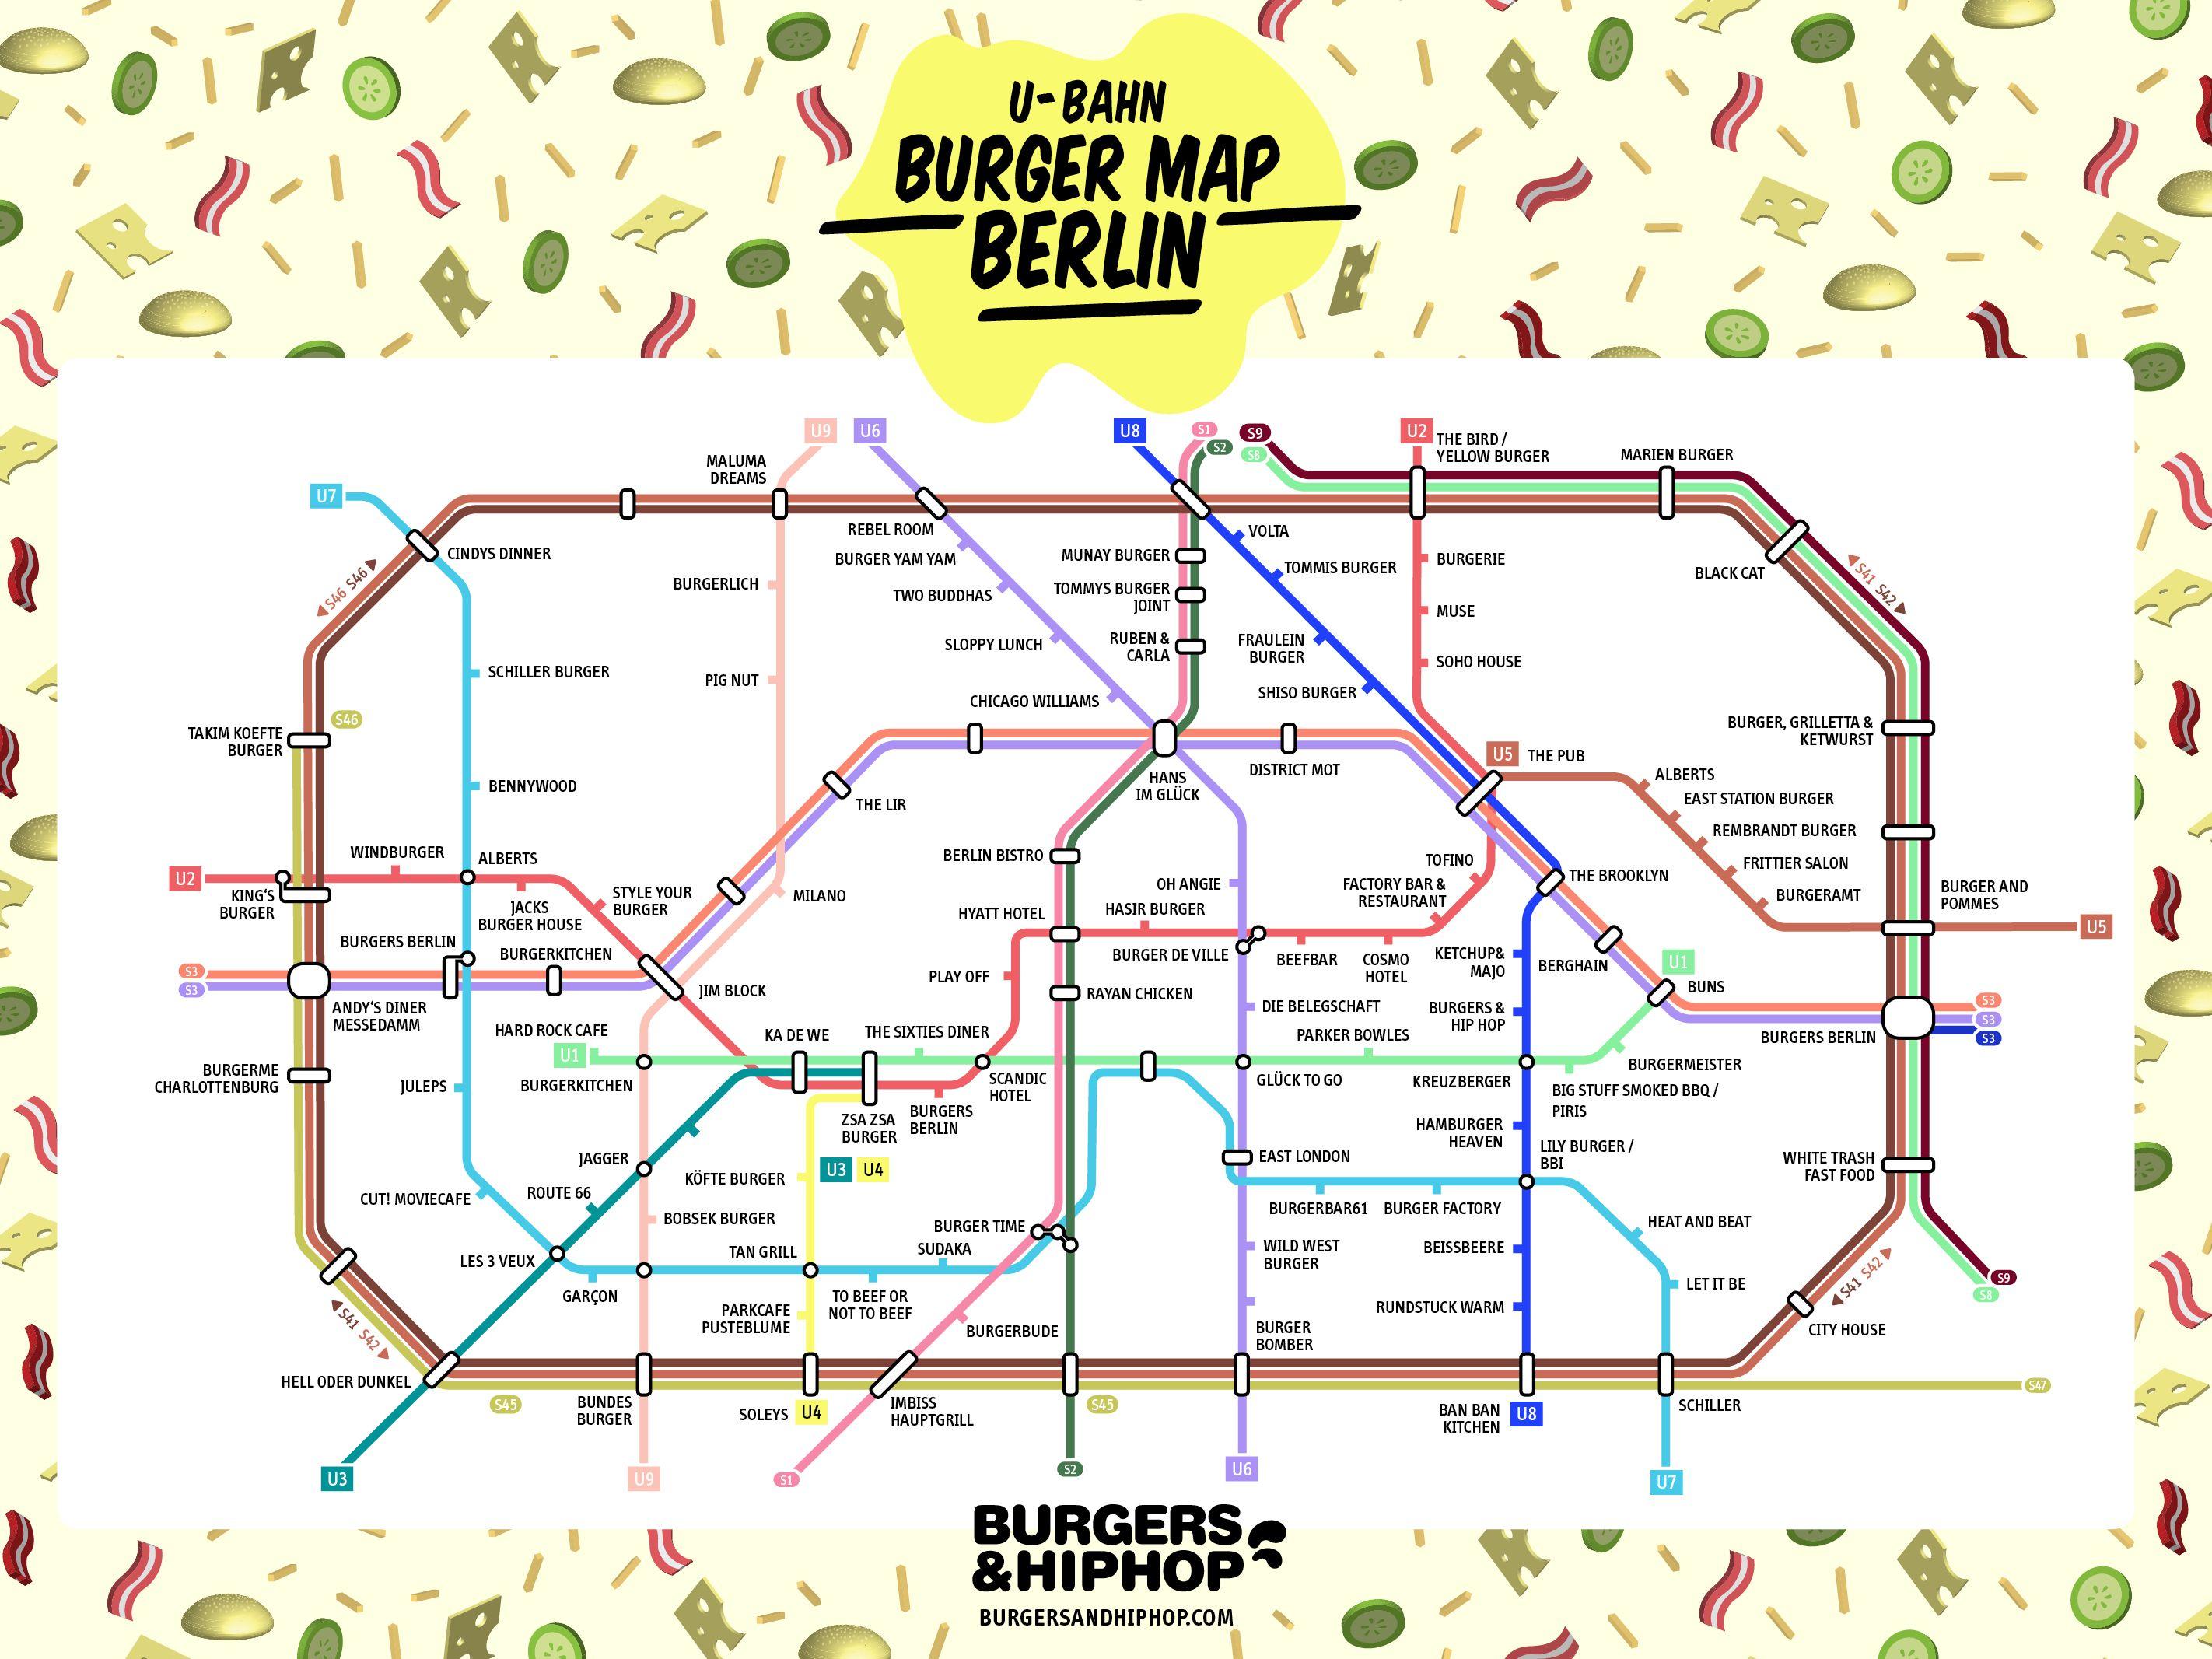 U bahn burger map of berlin